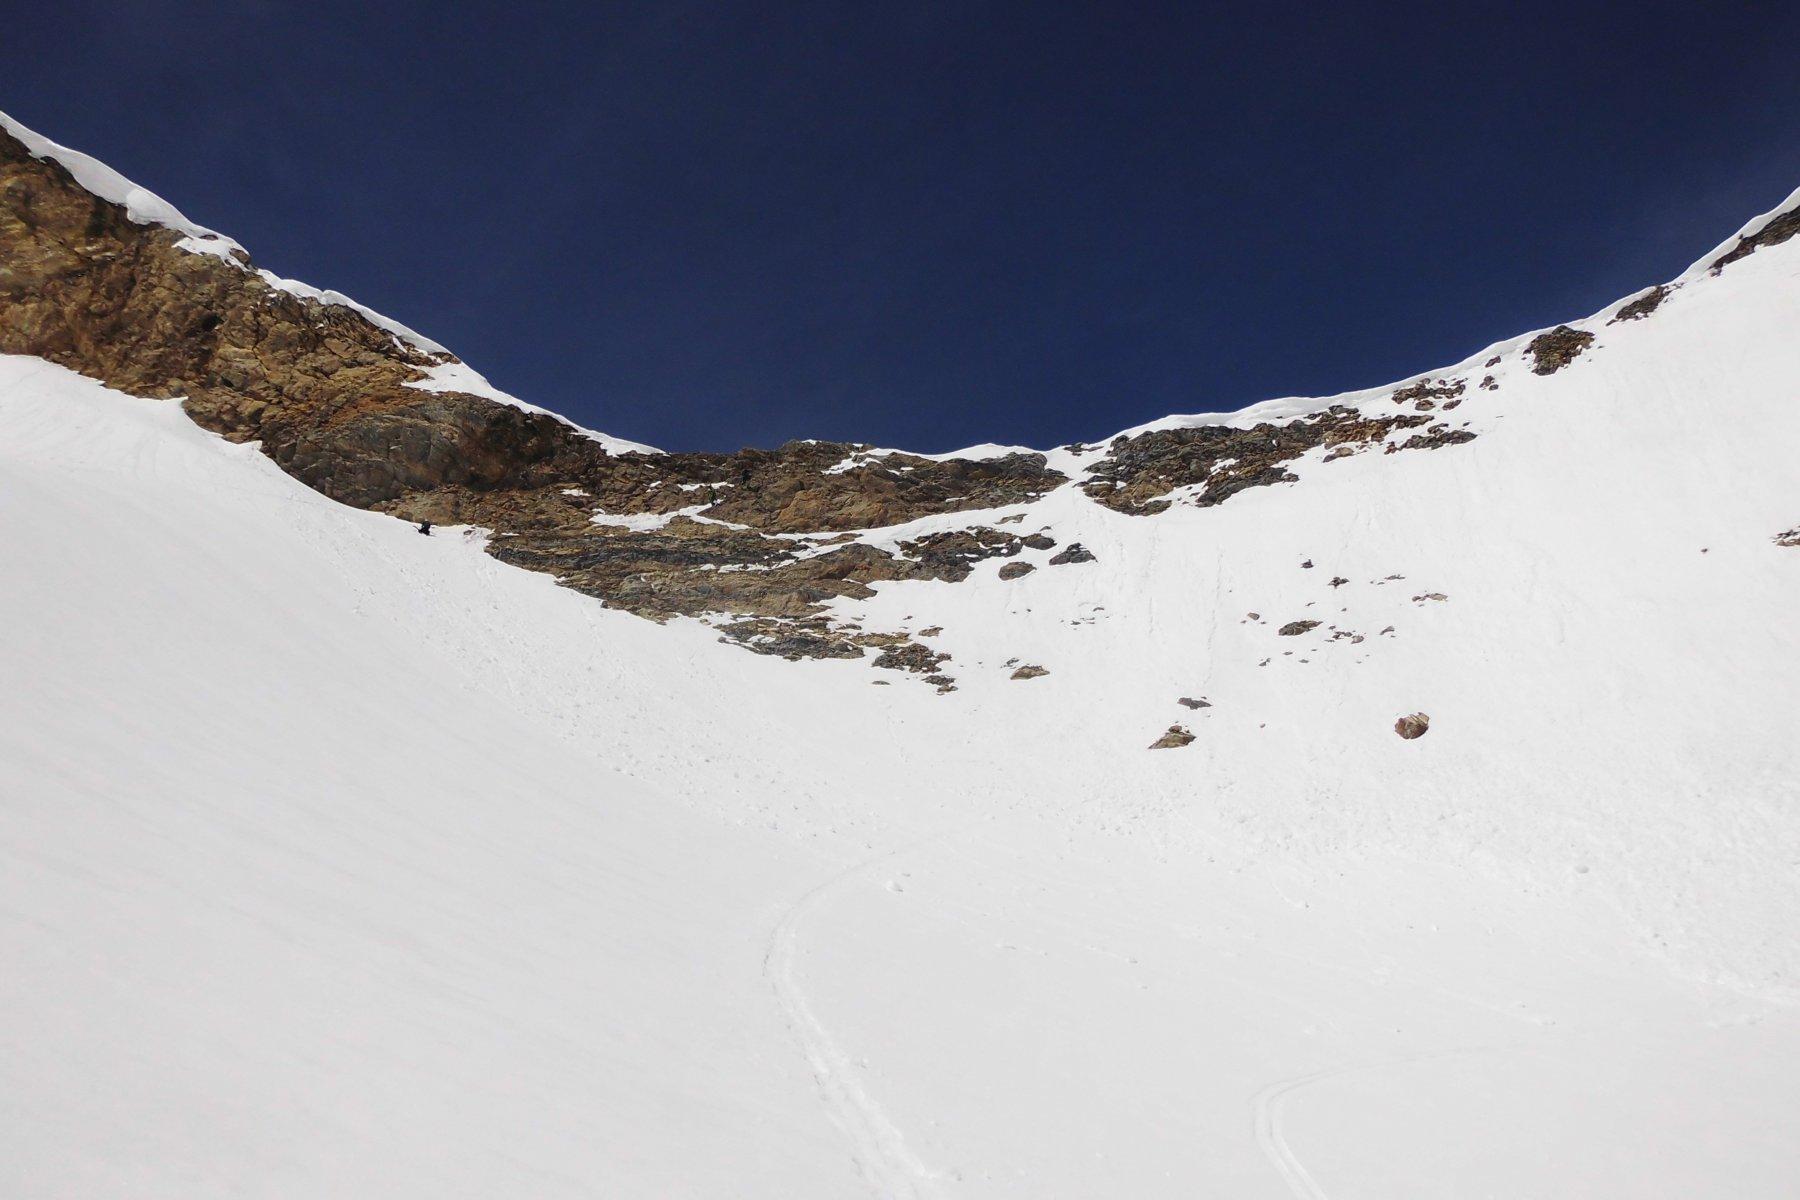 Colle di Tsantelèina, io sono sceso tutto a destra con gli sci ai piedi, gli altri sulle roccette sulle sinitra